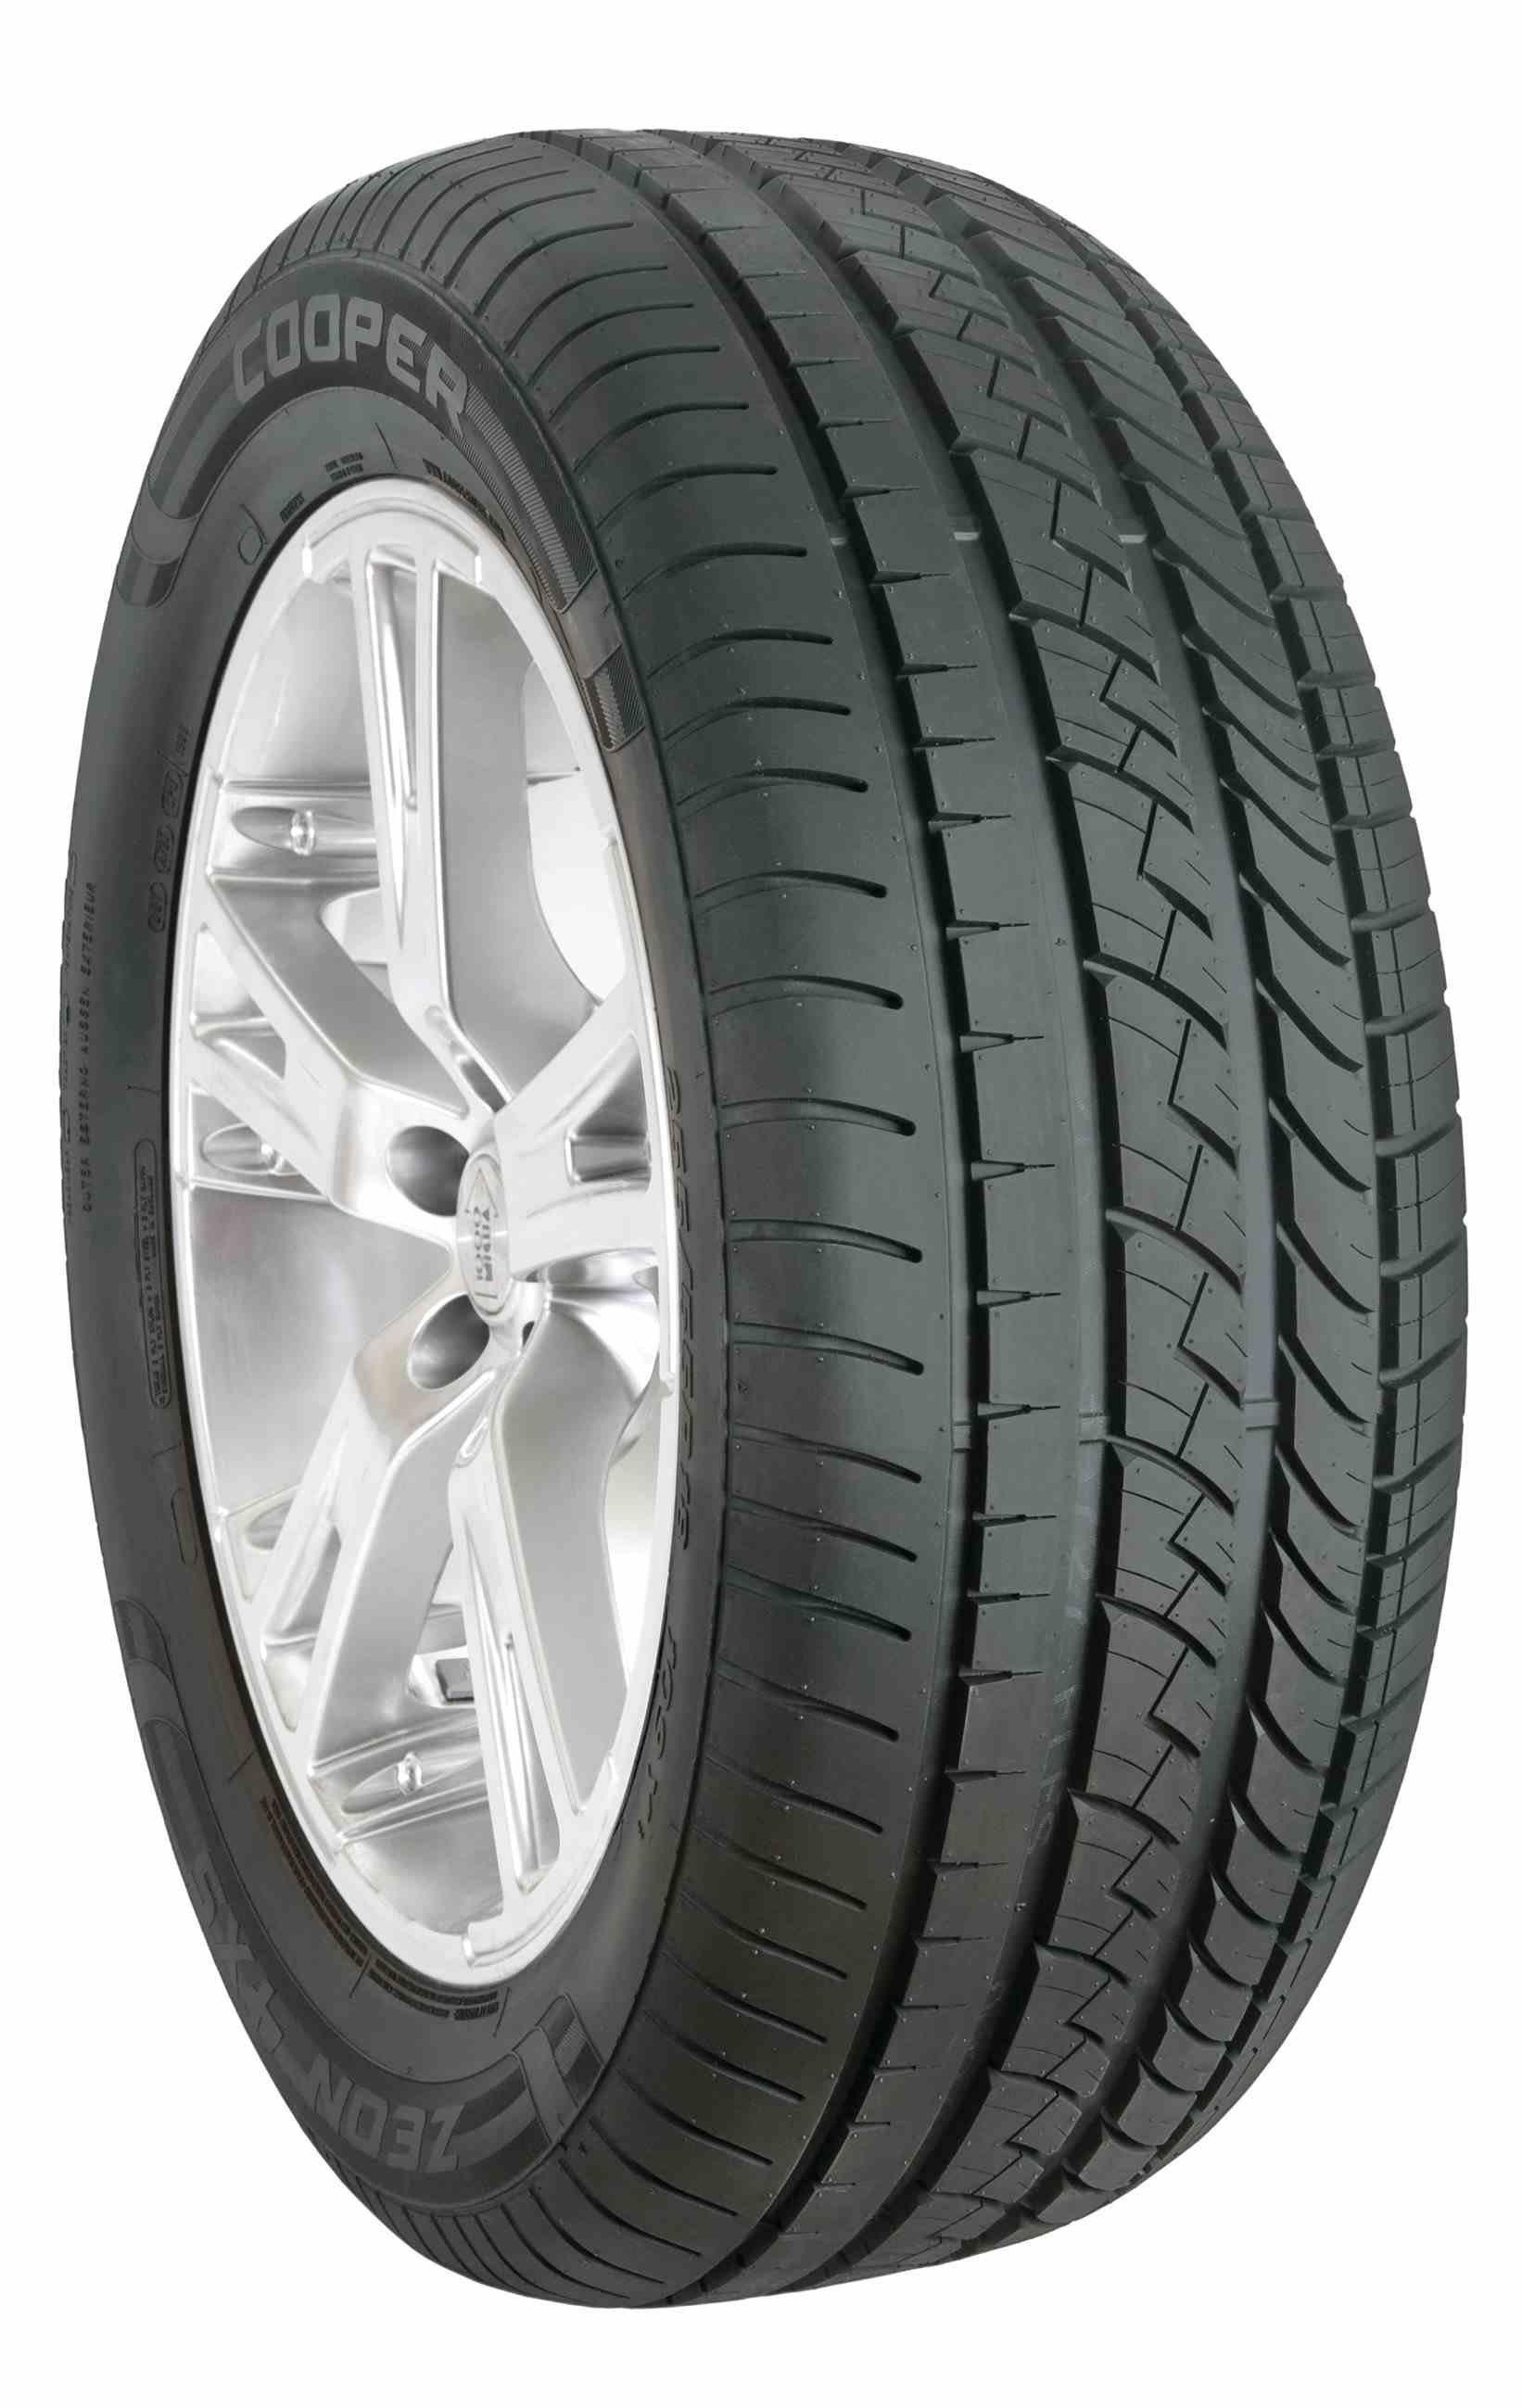 Neumático COOPER ZEON 4XS 255/55R18 109 Y